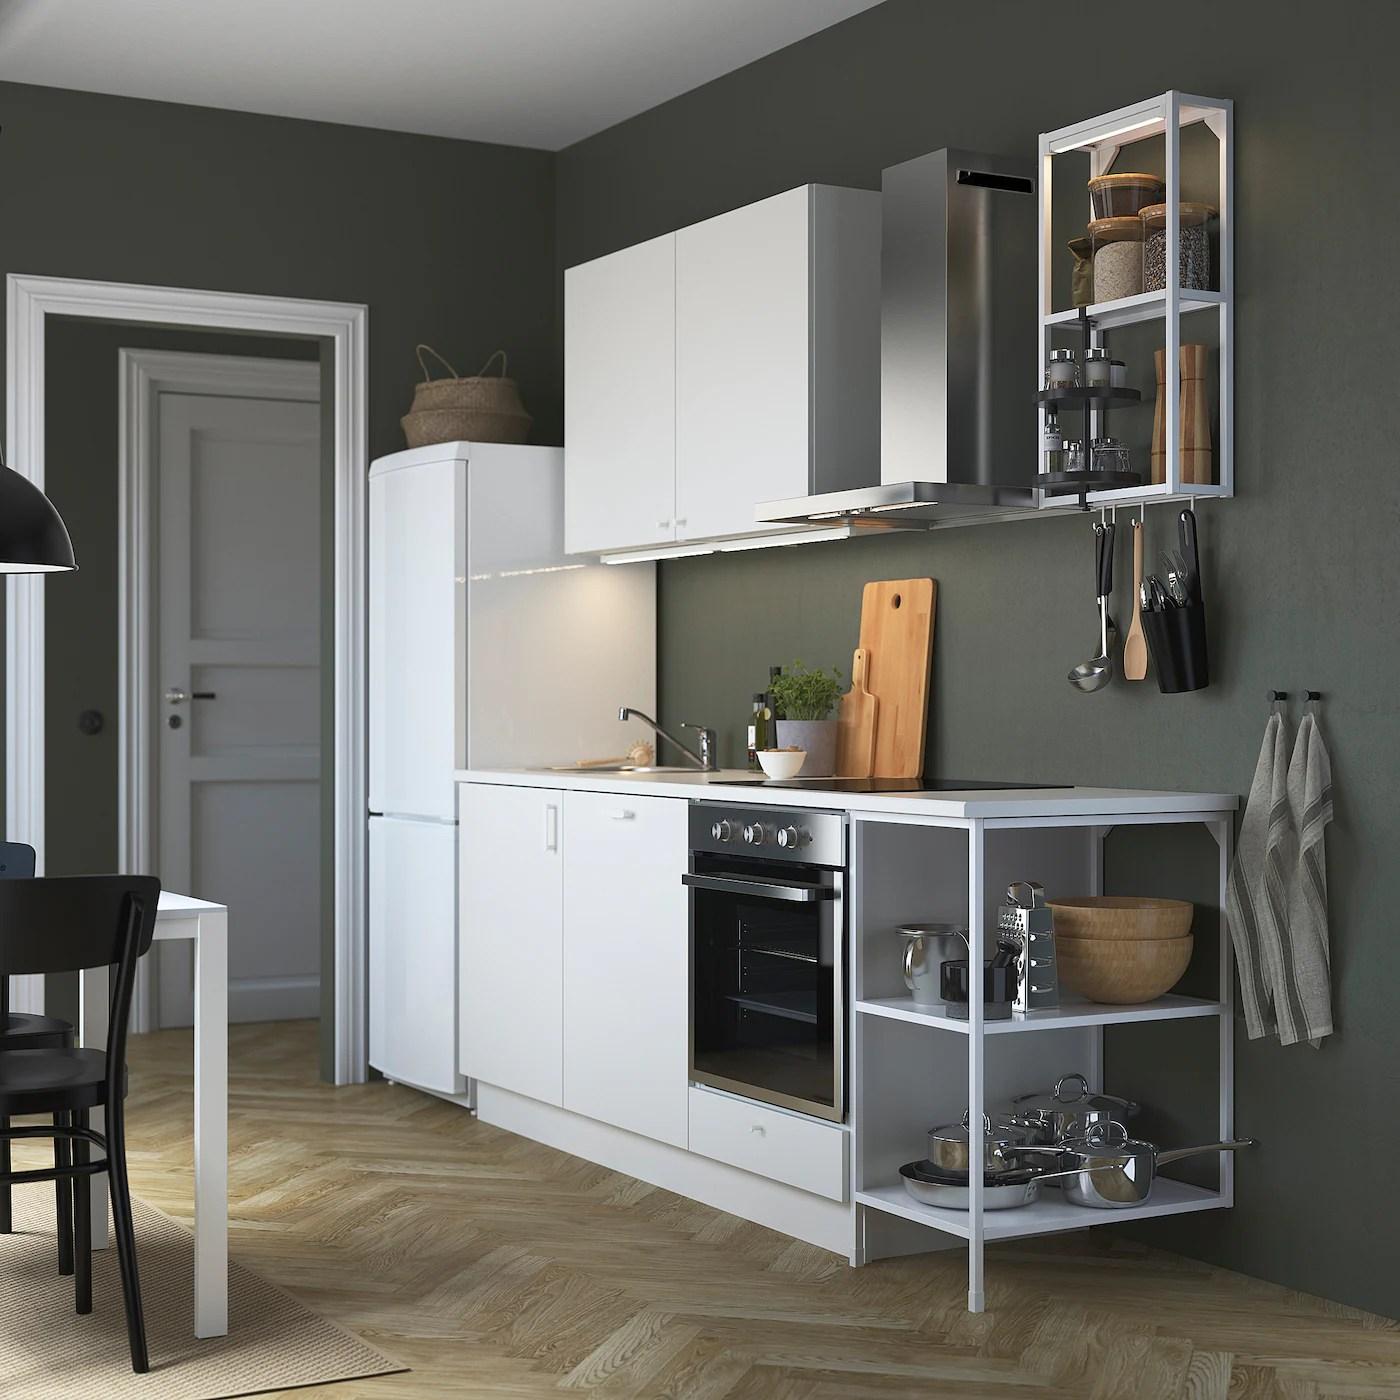 4 mensole lack da 190cm. Enhet Kitchen White Ikea